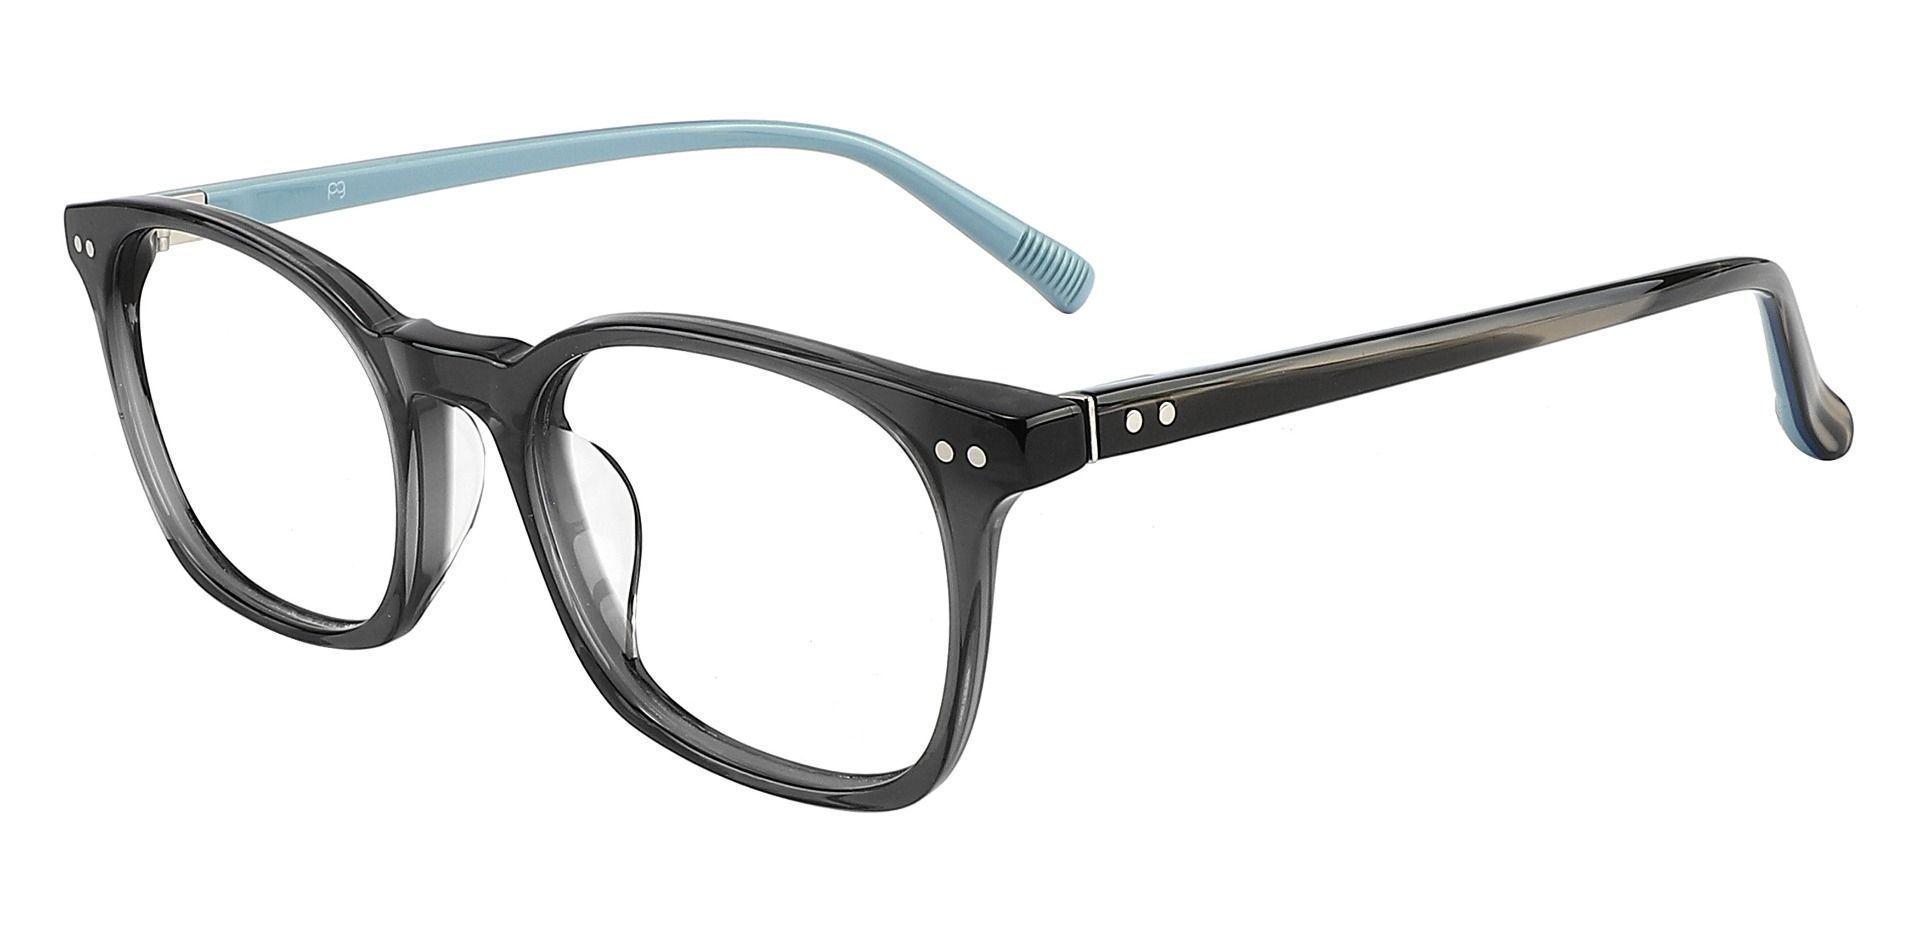 Alonzo Square Prescription Glasses - Gray